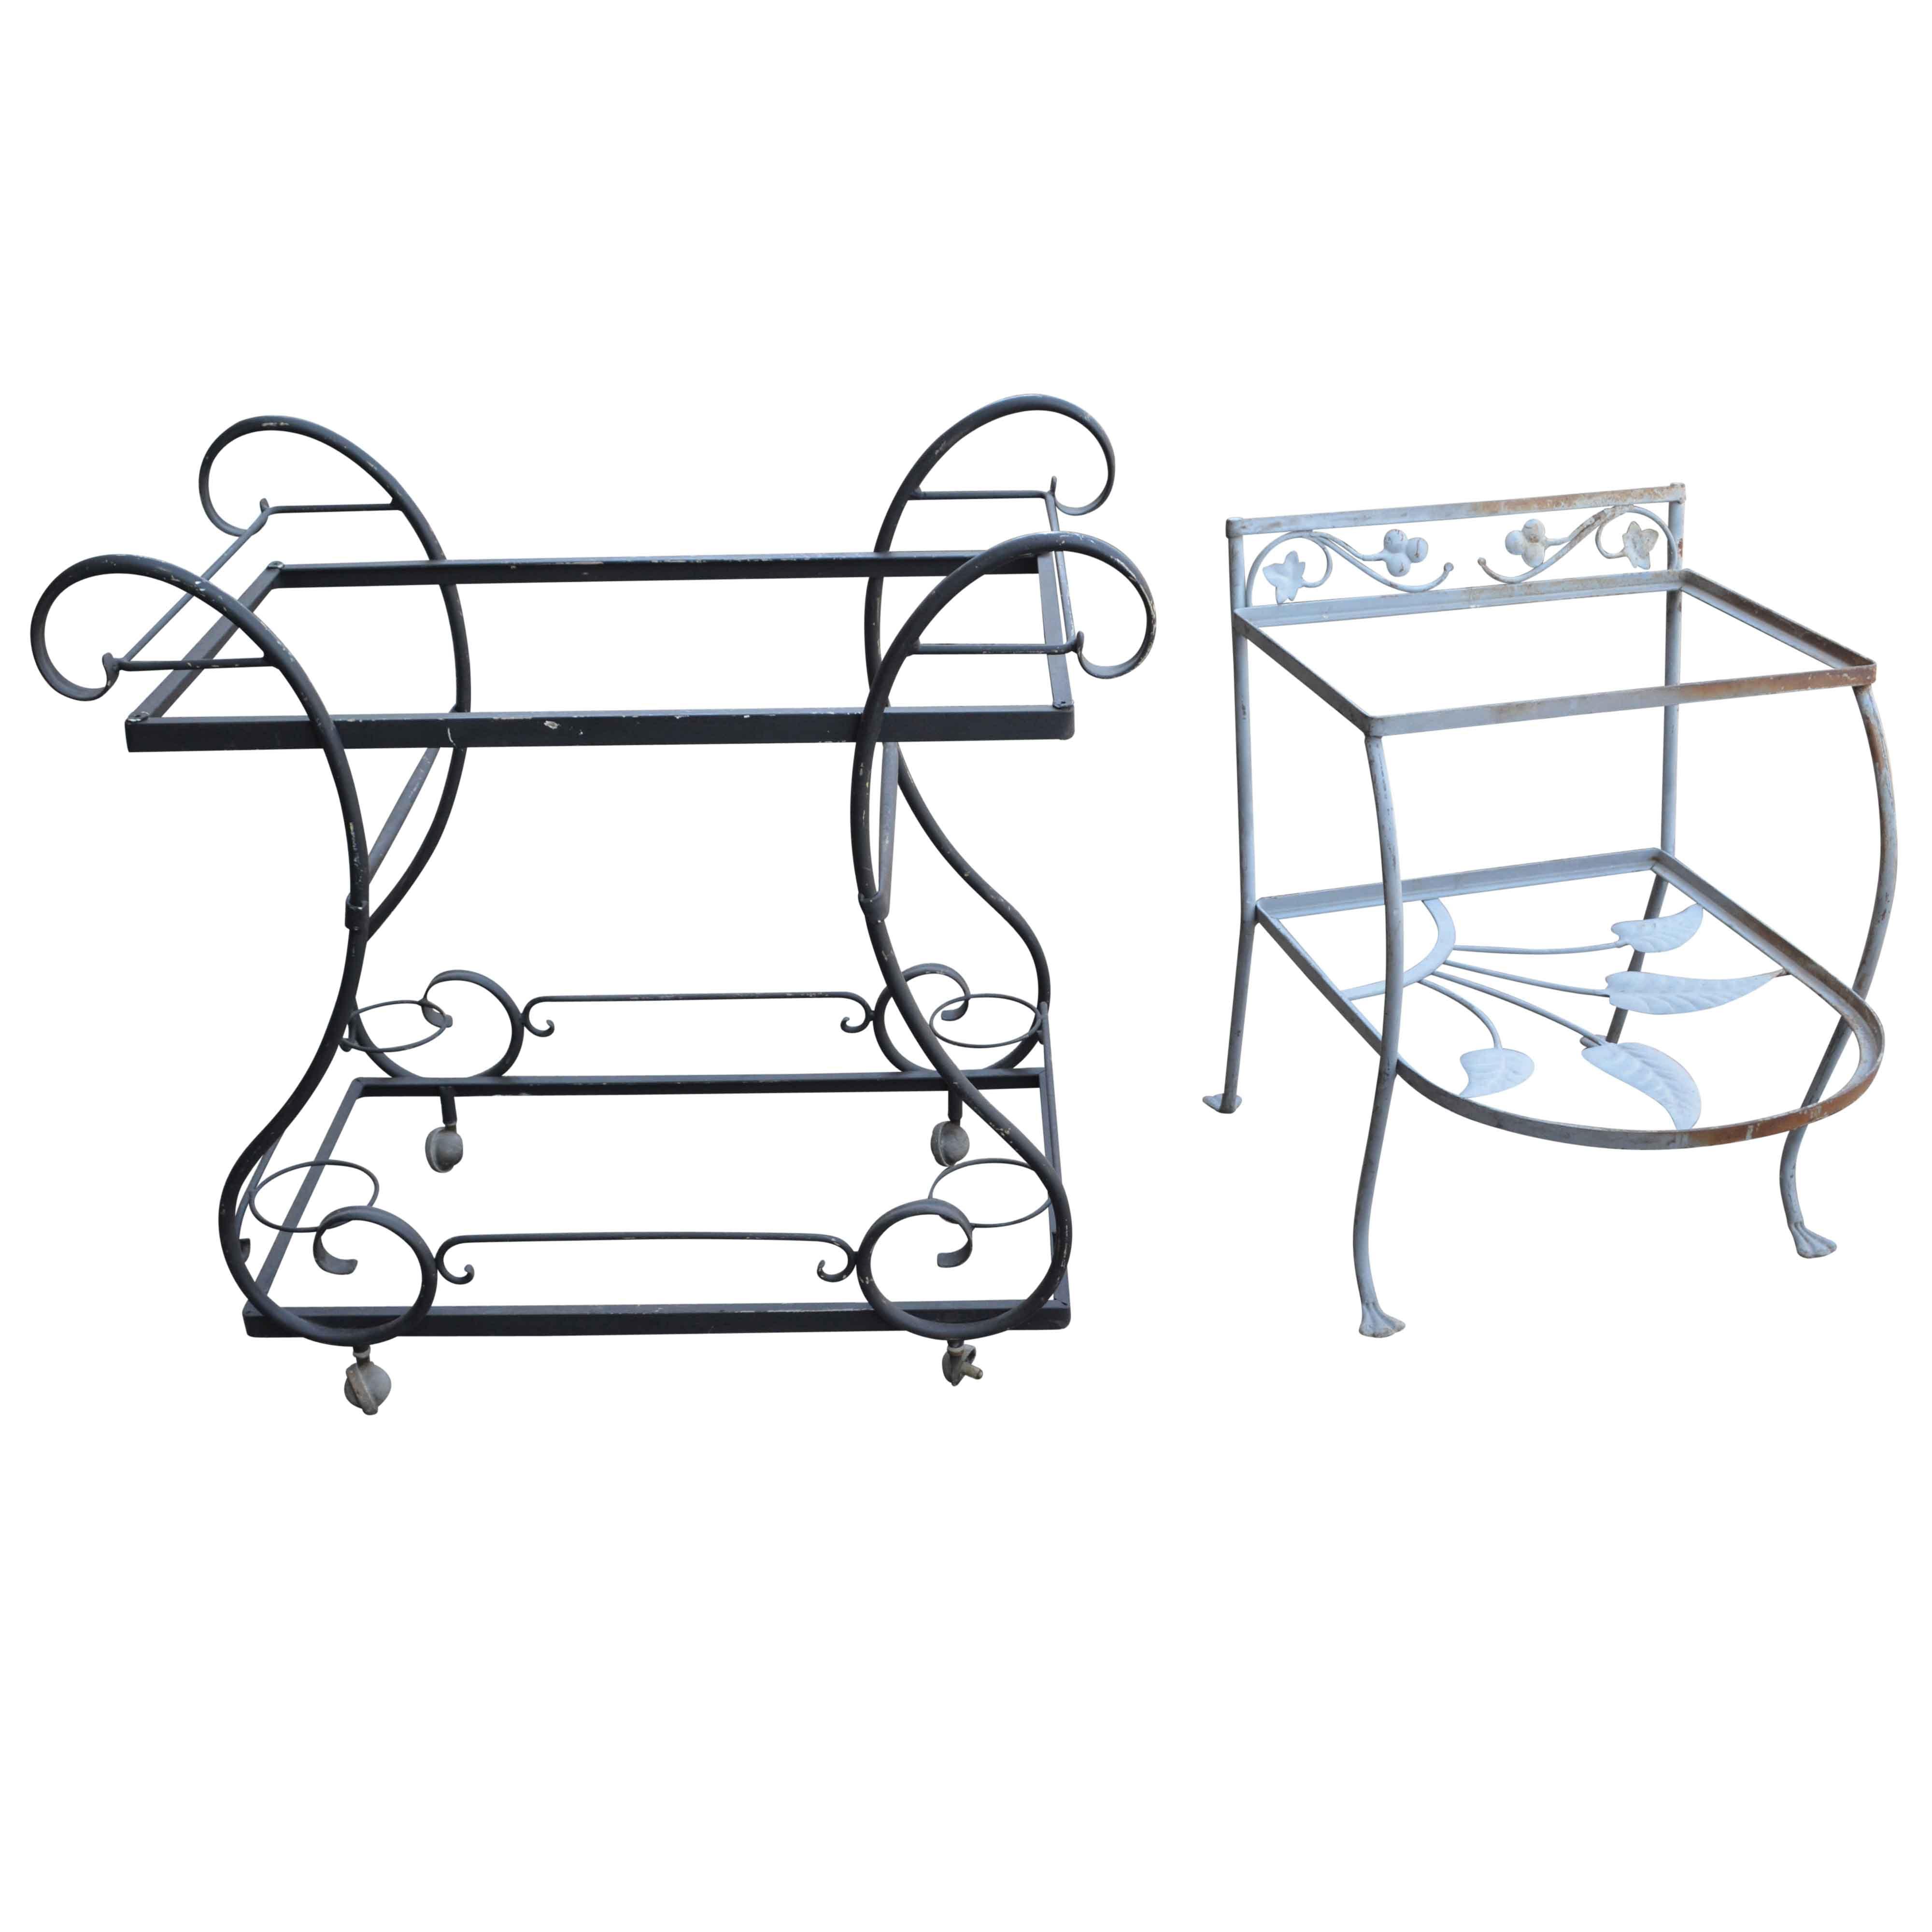 Wrought Iron Patio Bar Carts